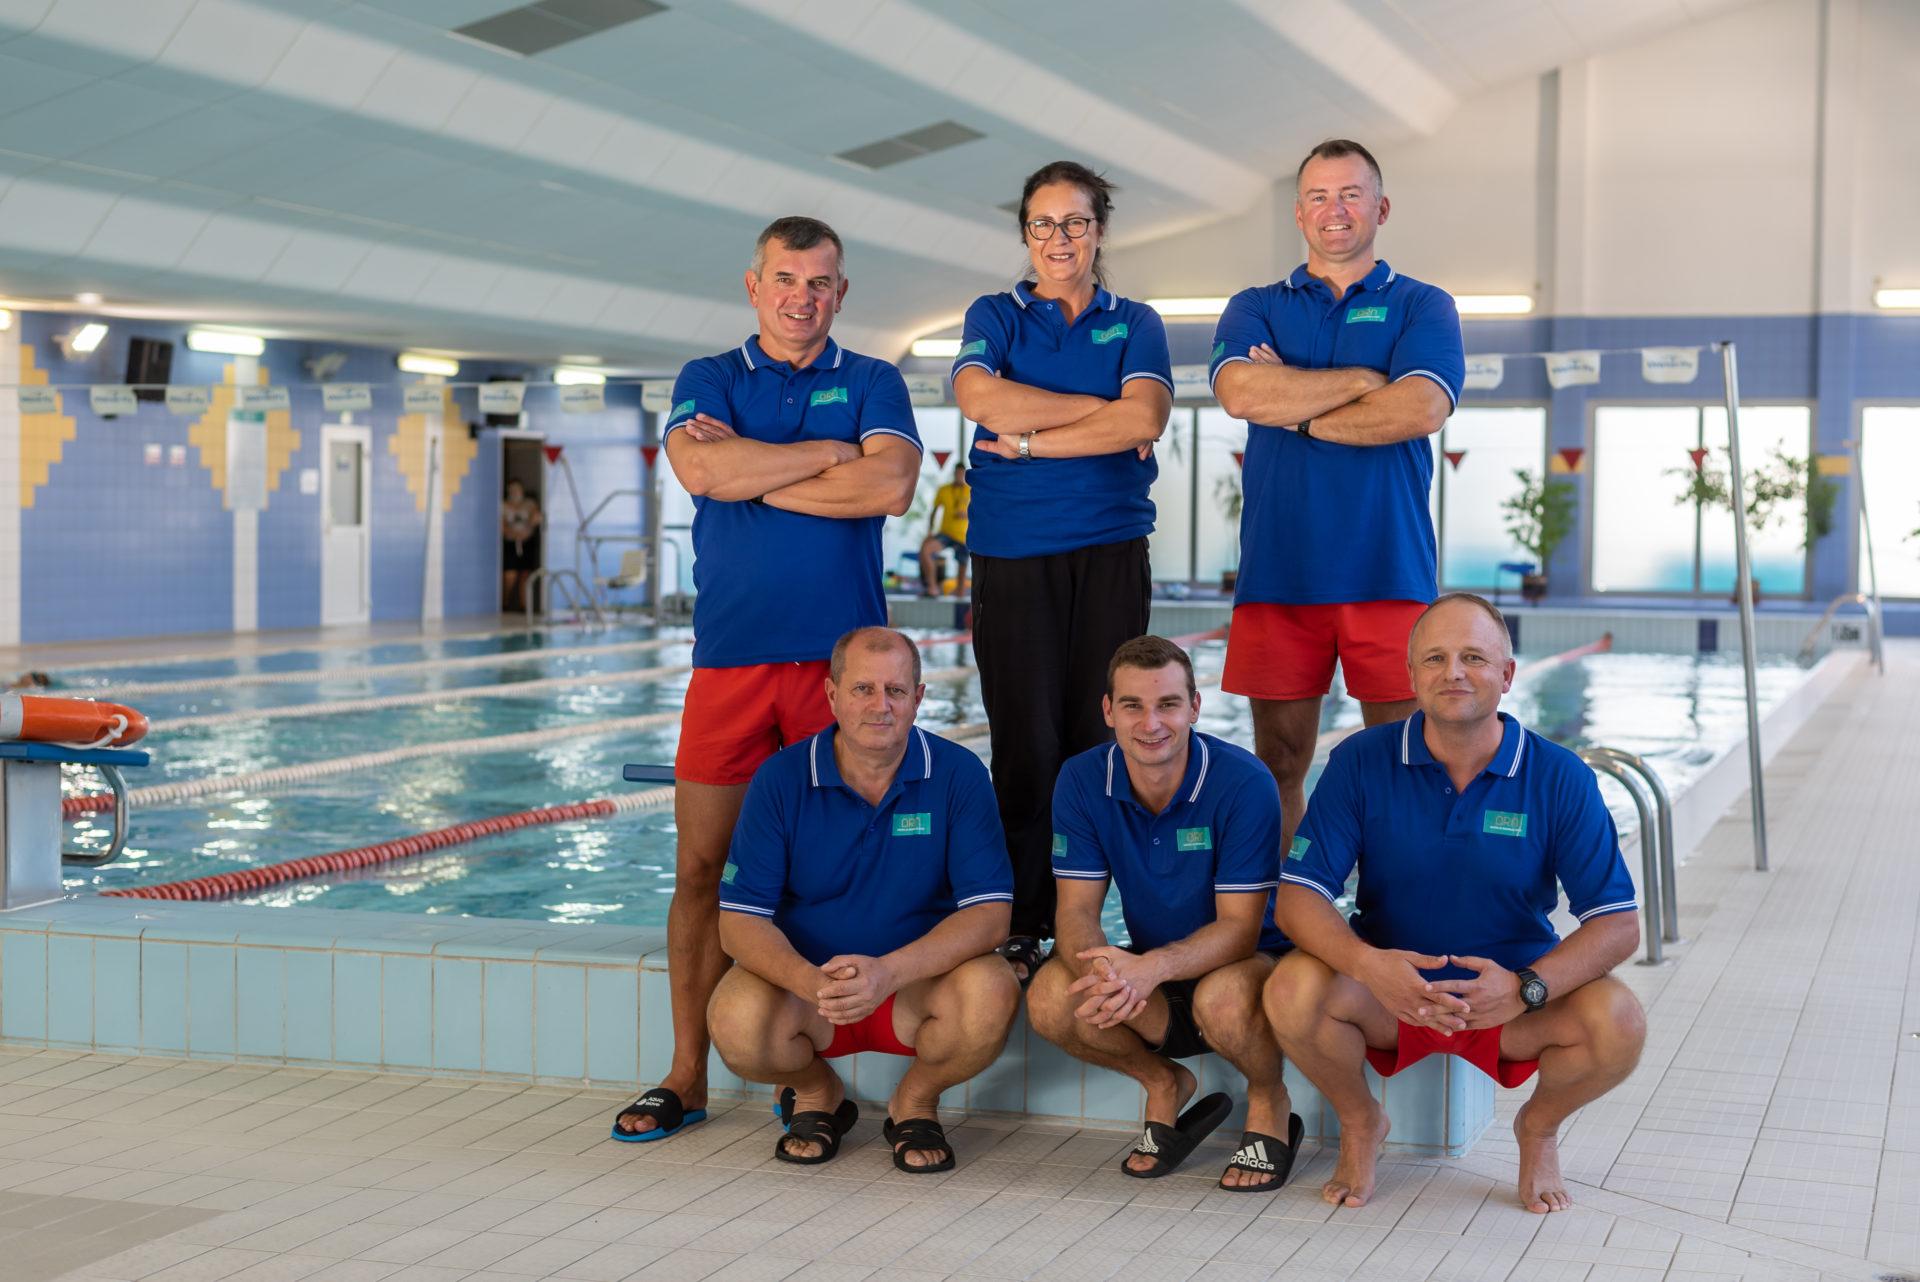 Rusza szkoła pływania ARN!